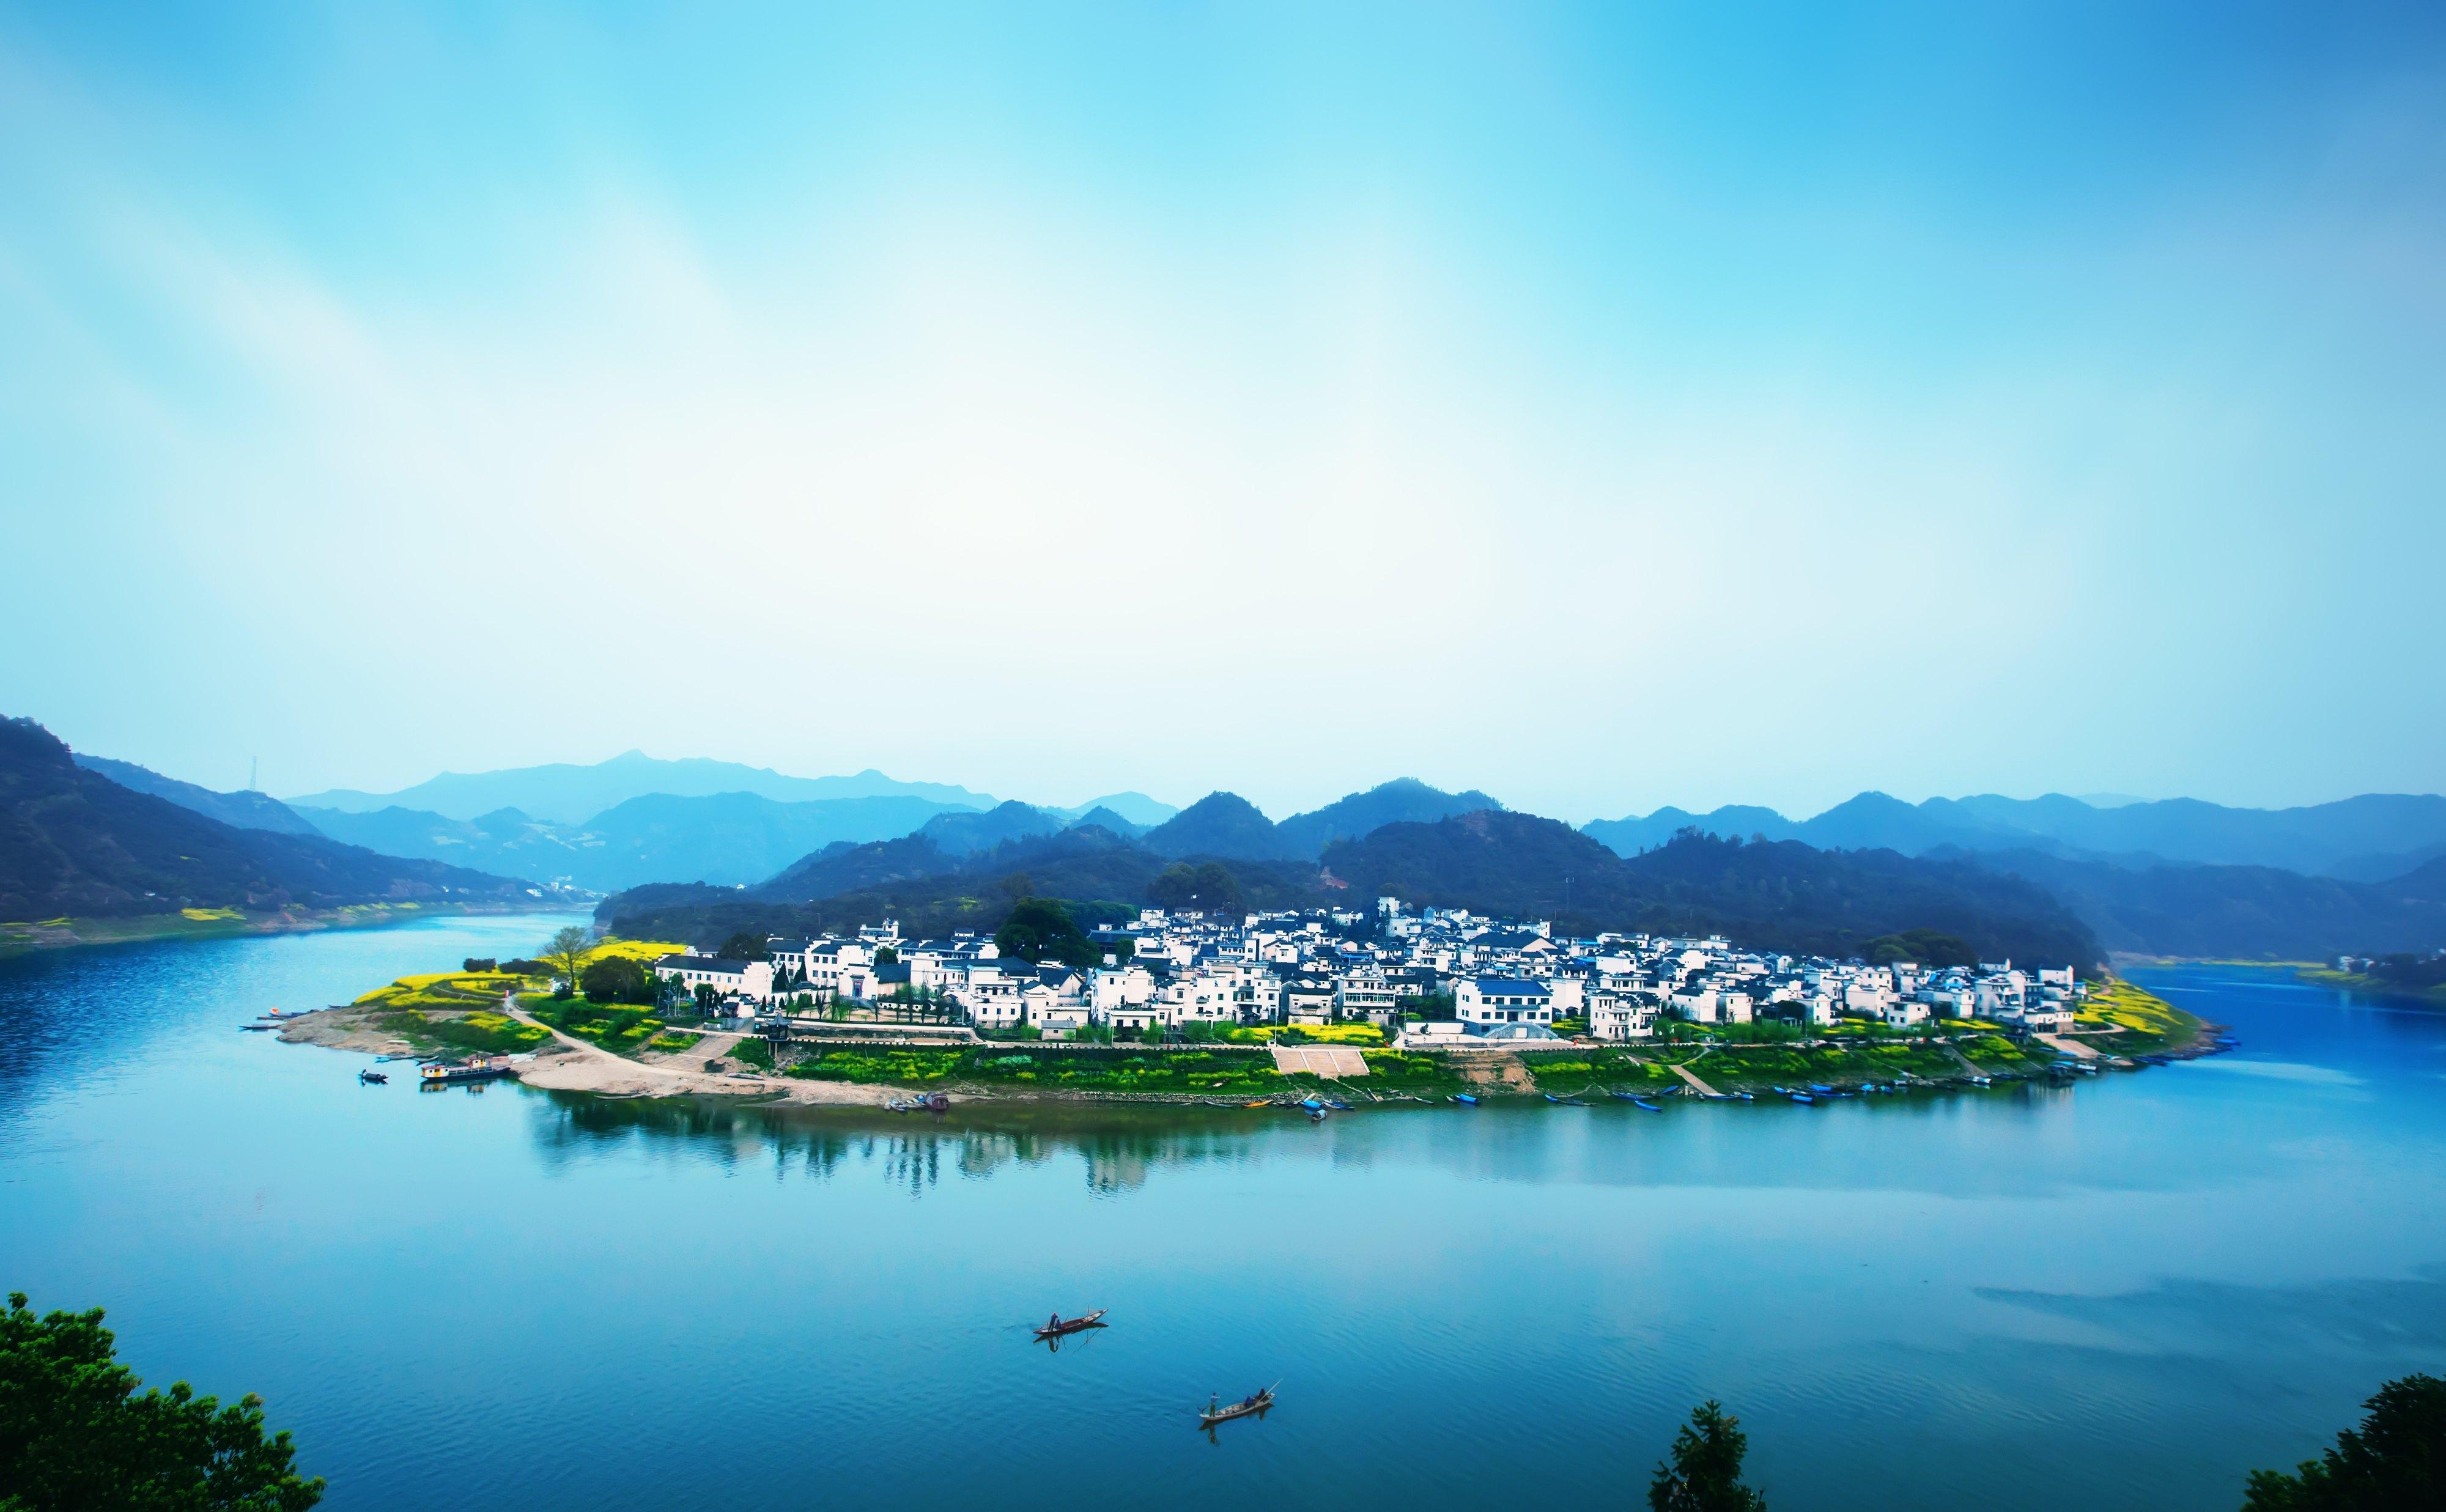 新安江山水画廊+徽州古城+渔梁坝一日游